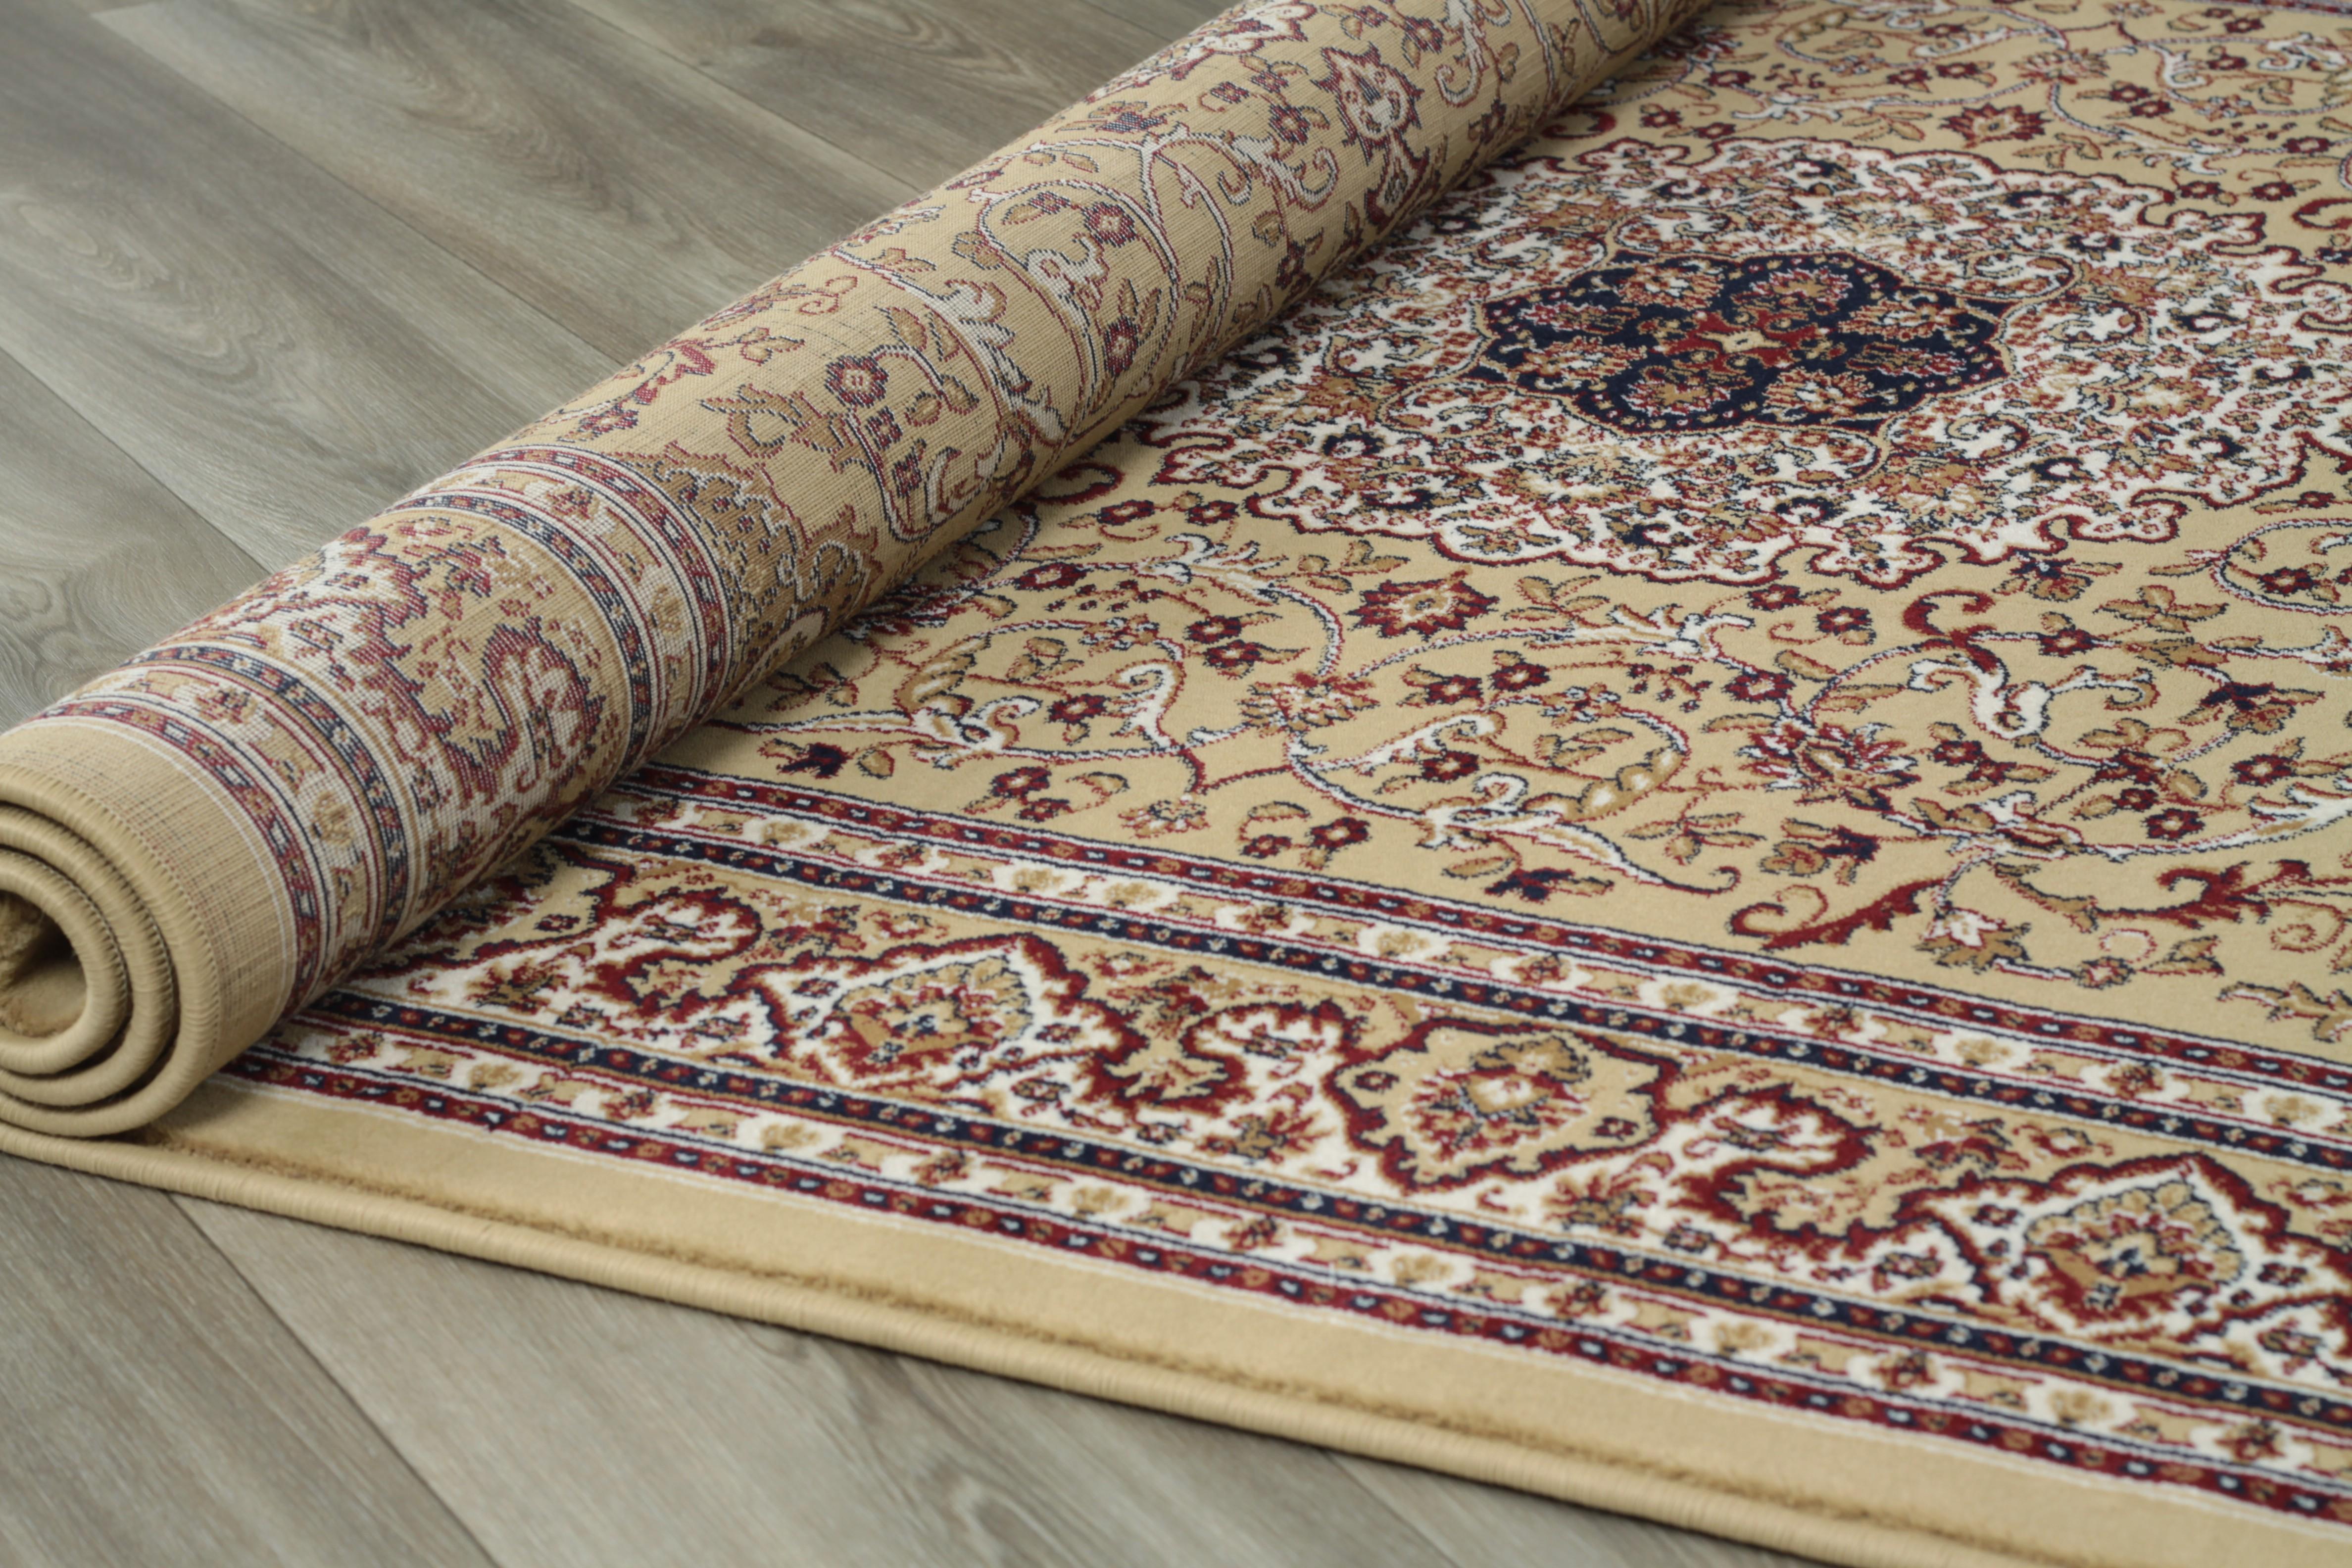 tapis style d 39 orient cr me beige motif g om trique en polypropyl ne gafsa 5. Black Bedroom Furniture Sets. Home Design Ideas